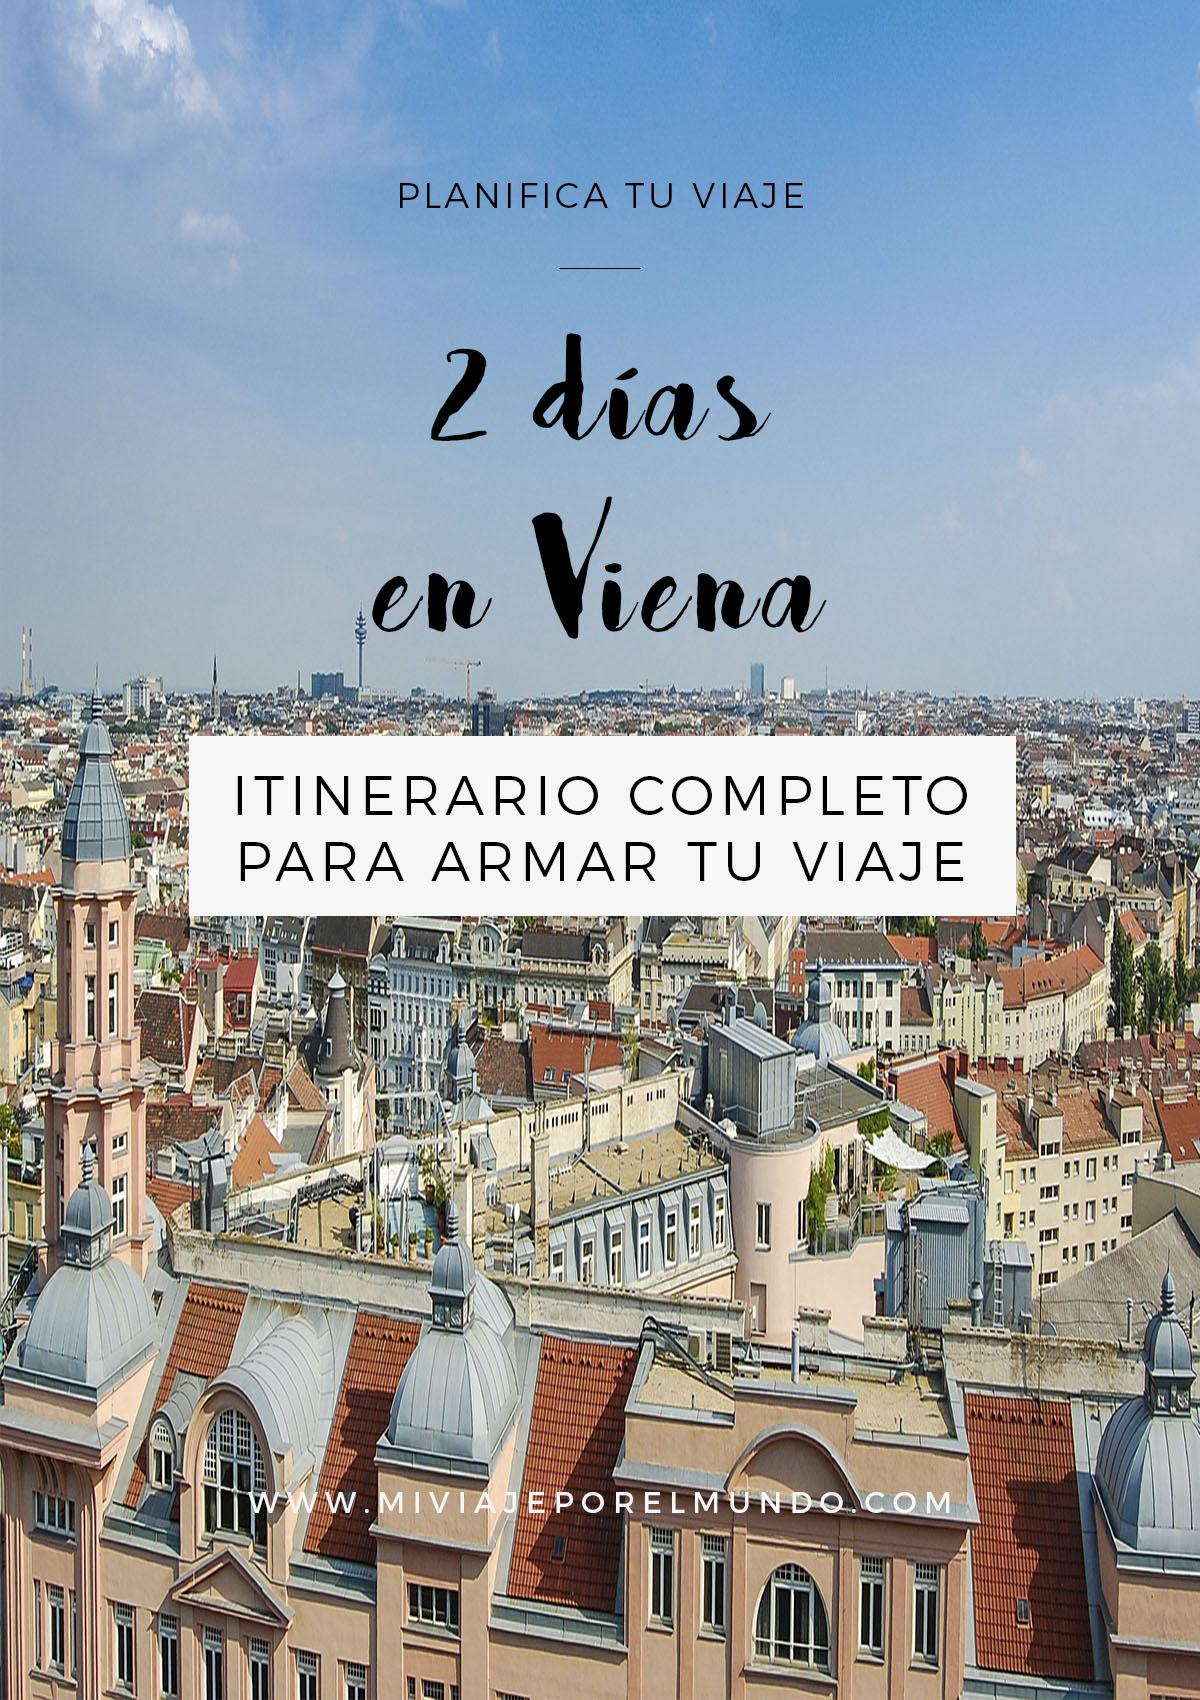 Qué visitar en Viena en 2 días